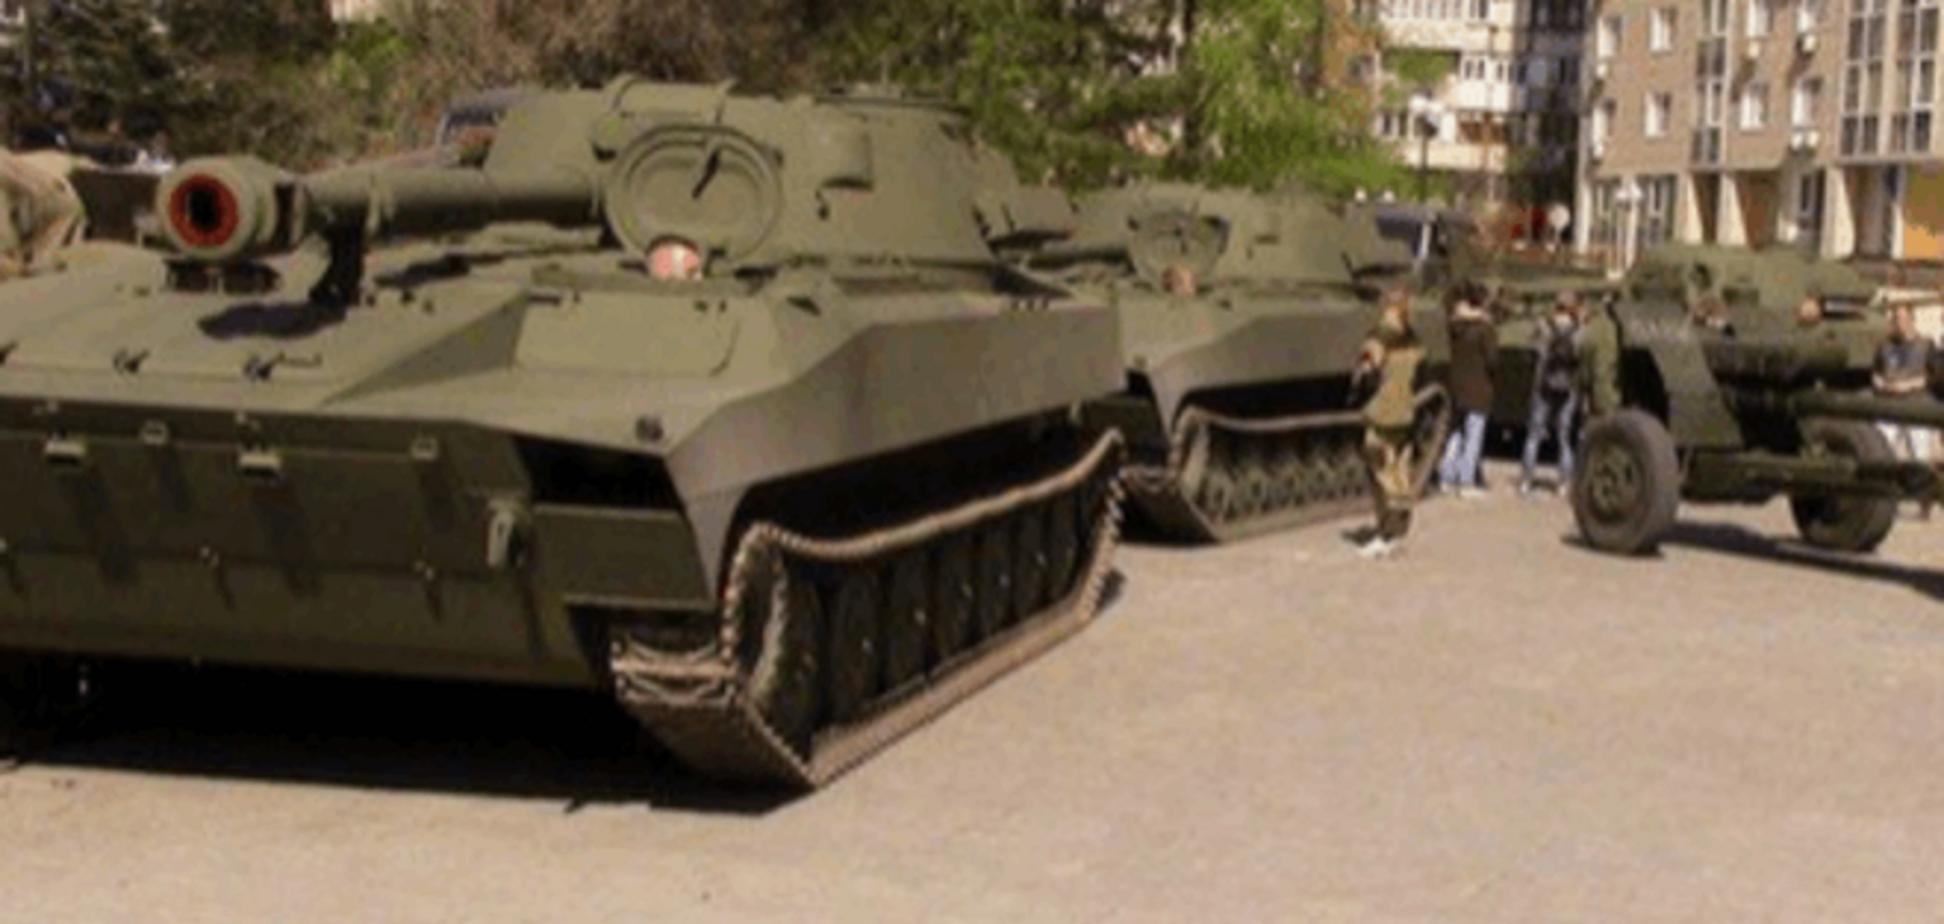 Під приводом параду терористи повертають у Донецьк 'відведену' техніку: фото- і відеофакт